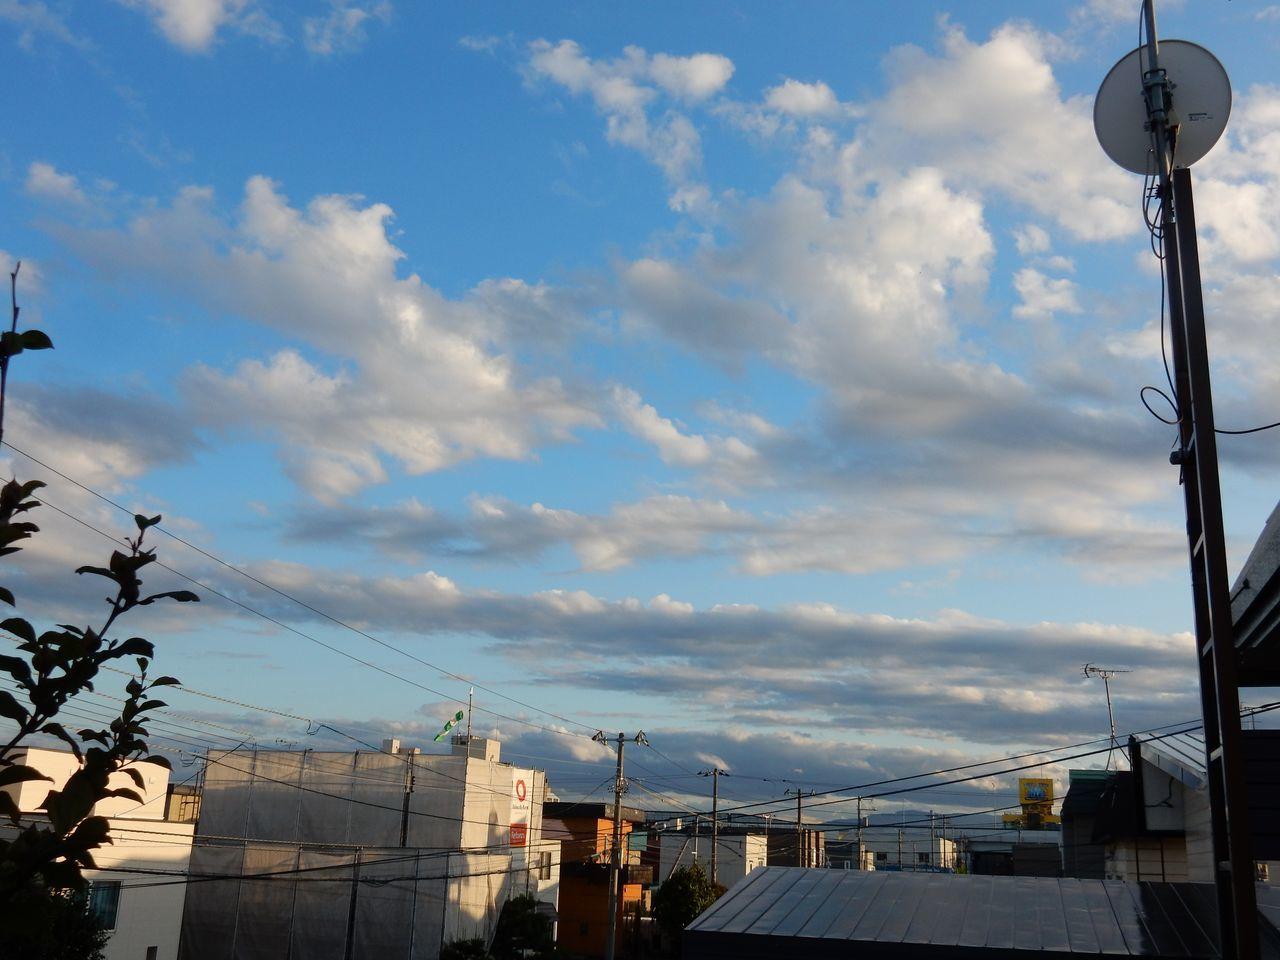 カラリと晴れ上がった夏日_c0025115_22532214.jpg